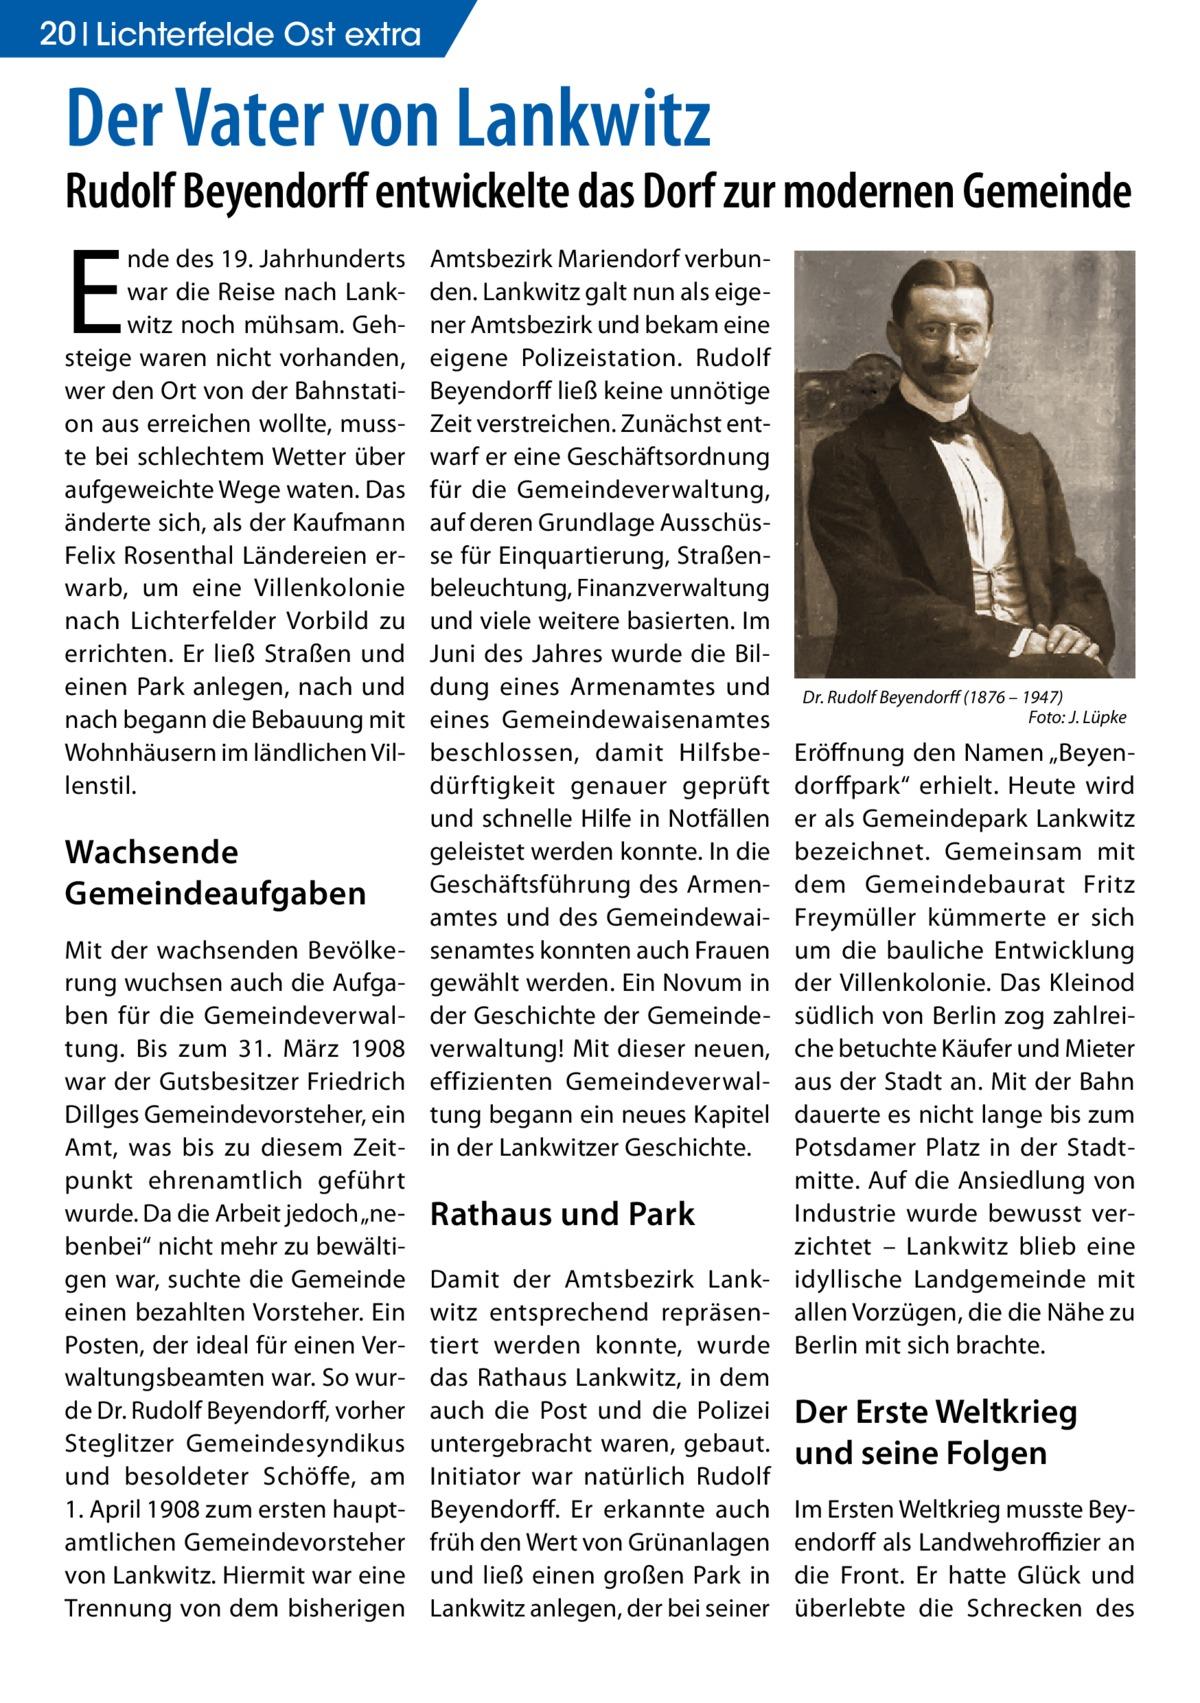 """20 Lichterfelde Ost extra  Der Vater von Lankwitz  Rudolf Beyendorff entwickelte das Dorf zur modernen Gemeinde  E  nde des 19.Jahrhunderts war die Reise nach Lankwitz noch mühsam. Gehsteige waren nicht vorhanden, wer den Ort von der Bahnstation aus erreichen wollte, musste bei schlechtem Wetter über aufgeweichte Wege waten. Das änderte sich, als der Kaufmann Felix Rosenthal Ländereien erwarb, um eine Villenkolonie nach Lichterfelder Vorbild zu errichten. Er ließ Straßen und einen Park anlegen, nach und nach begann die Bebauung mit Wohnhäusern im ländlichen Villenstil.  Wachsende Gemeindeaufgaben Mit der wachsenden Bevölkerung wuchsen auch die Aufgaben für die Gemeindeverwaltung. Bis zum 31. März 1908 war der Gutsbesitzer Friedrich Dillges Gemeindevorsteher, ein Amt, was bis zu diesem Zeitpunkt ehrenamtlich geführt wurde. Da die Arbeit jedoch """"nebenbei"""" nicht mehr zu bewältigen war, suchte die Gemeinde einen bezahlten Vorsteher. Ein Posten, der ideal für einen Verwaltungsbeamten war. So wurde Dr. Rudolf Beyendorff, vorher Steglitzer Gemeindesyndikus und besoldeter Schöffe, am 1.April 1908 zum ersten hauptamtlichen Gemeindevorsteher von Lankwitz. Hiermit war eine Trennung von dem bisherigen  Amtsbezirk Mariendorf verbunden. Lankwitz galt nun als eigener Amtsbezirk und bekam eine eigene Polizeistation. Rudolf Beyendorff ließ keine unnötige Zeit verstreichen. Zunächst entwarf er eine Geschäftsordnung für die Gemeindeverwaltung, auf deren Grundlage Ausschüsse für Einquartierung, Straßenbeleuchtung, Finanzverwaltung und viele weitere basierten. Im Juni des Jahres wurde die Bildung eines Armenamtes und eines Gemeindewaisenamtes beschlossen, damit Hilfsbedürftigkeit genauer geprüft und schnelle Hilfe in Notfällen geleistet werden konnte. In die Geschäftsführung des Armenamtes und des Gemeindewaisenamtes konnten auch Frauen gewählt werden. Ein Novum in der Geschichte der Gemeindeverwaltung! Mit dieser neuen, effizienten Gemeindeverwaltung begann ein neues Kapitel in der Lan"""